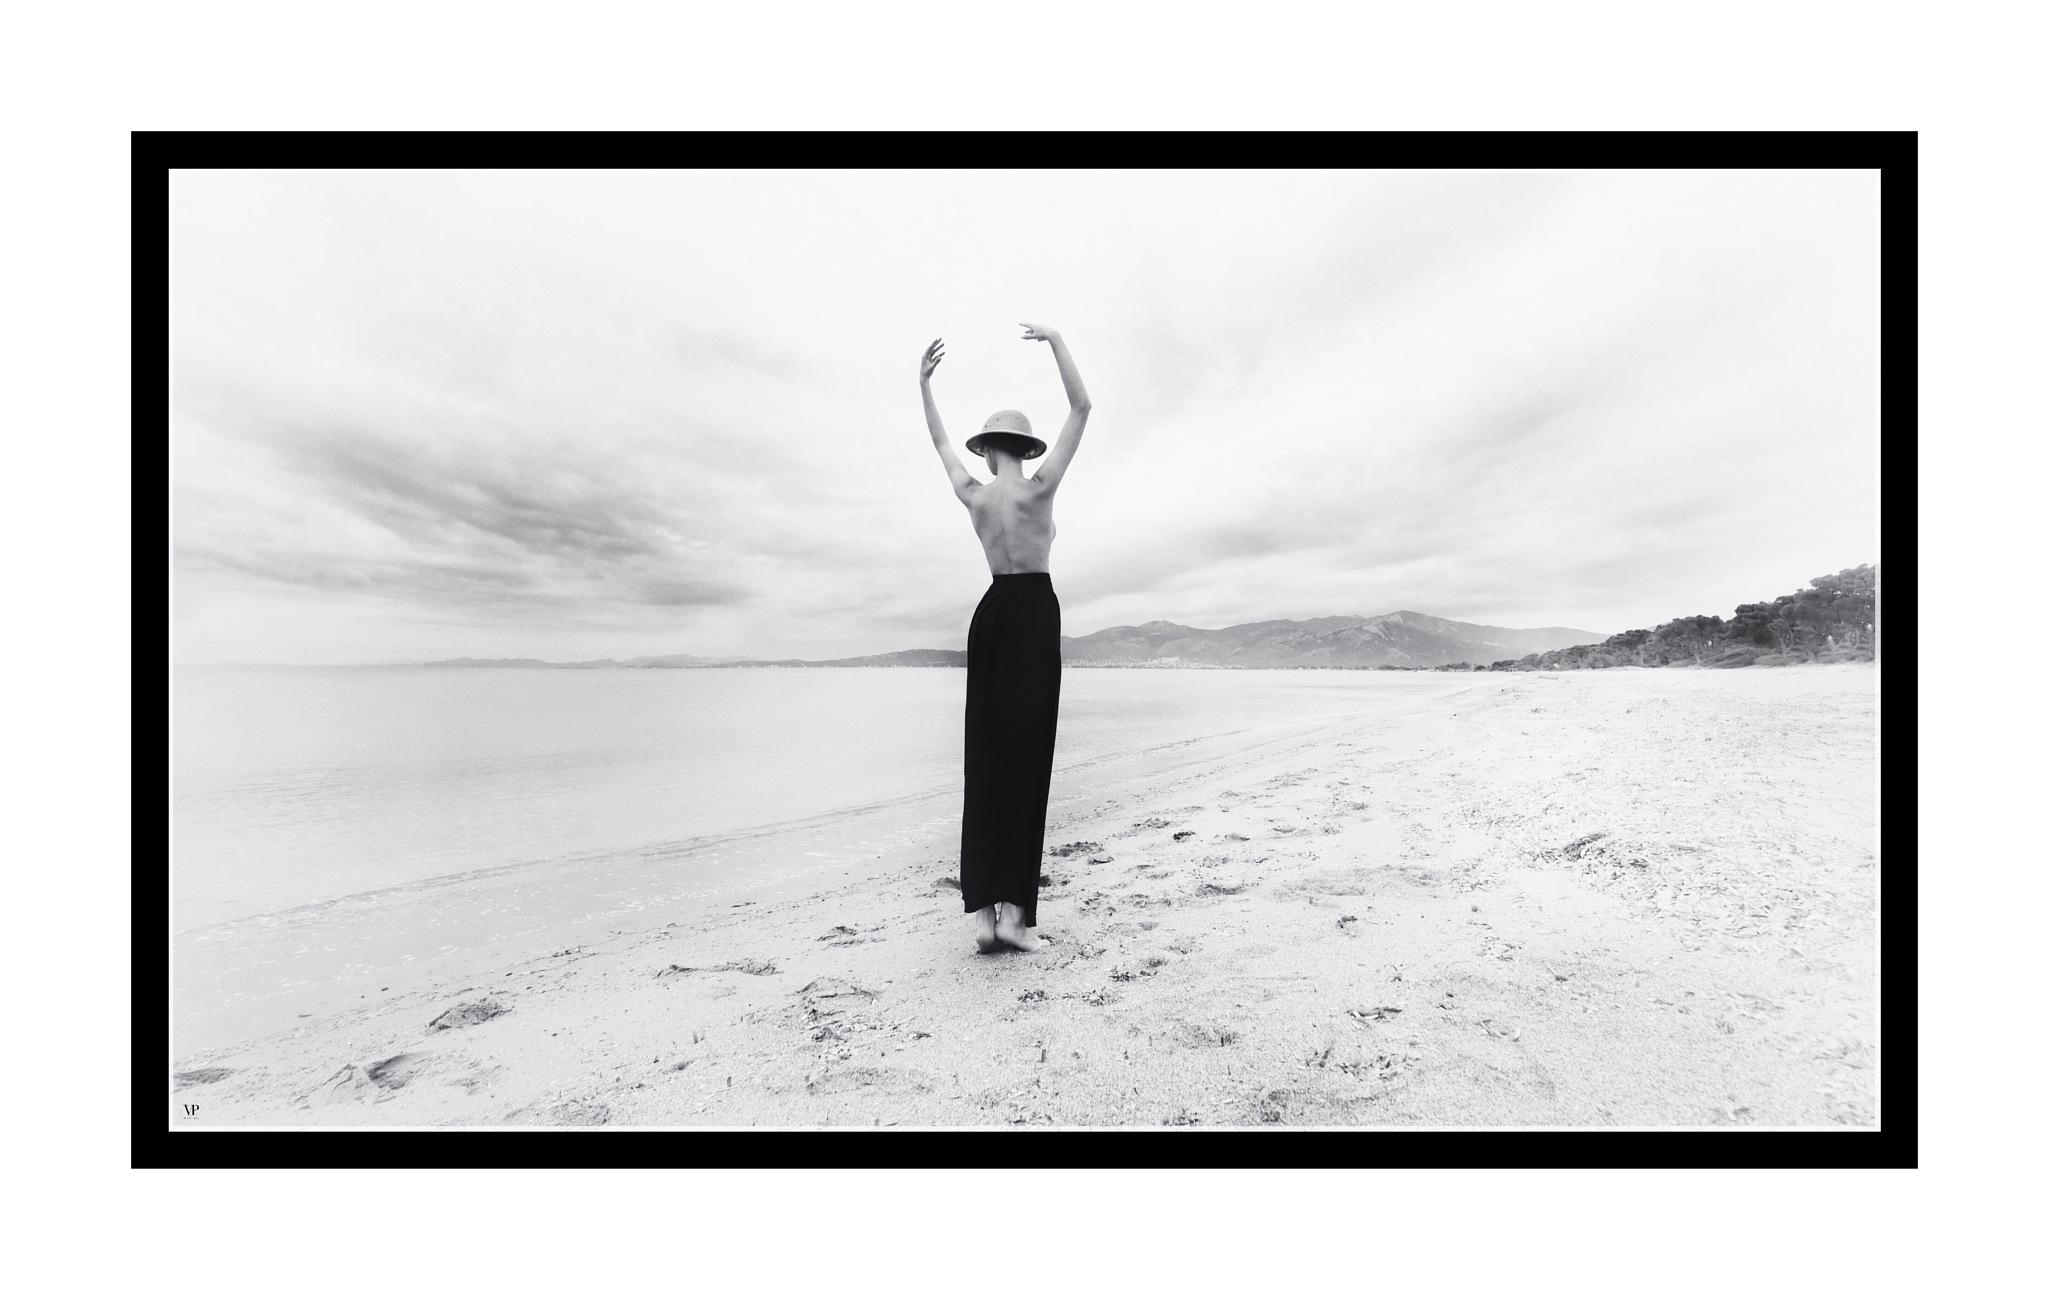 ce jour sur cette plage  by                         Vassilis Pitoulis     @vassilispitoulis